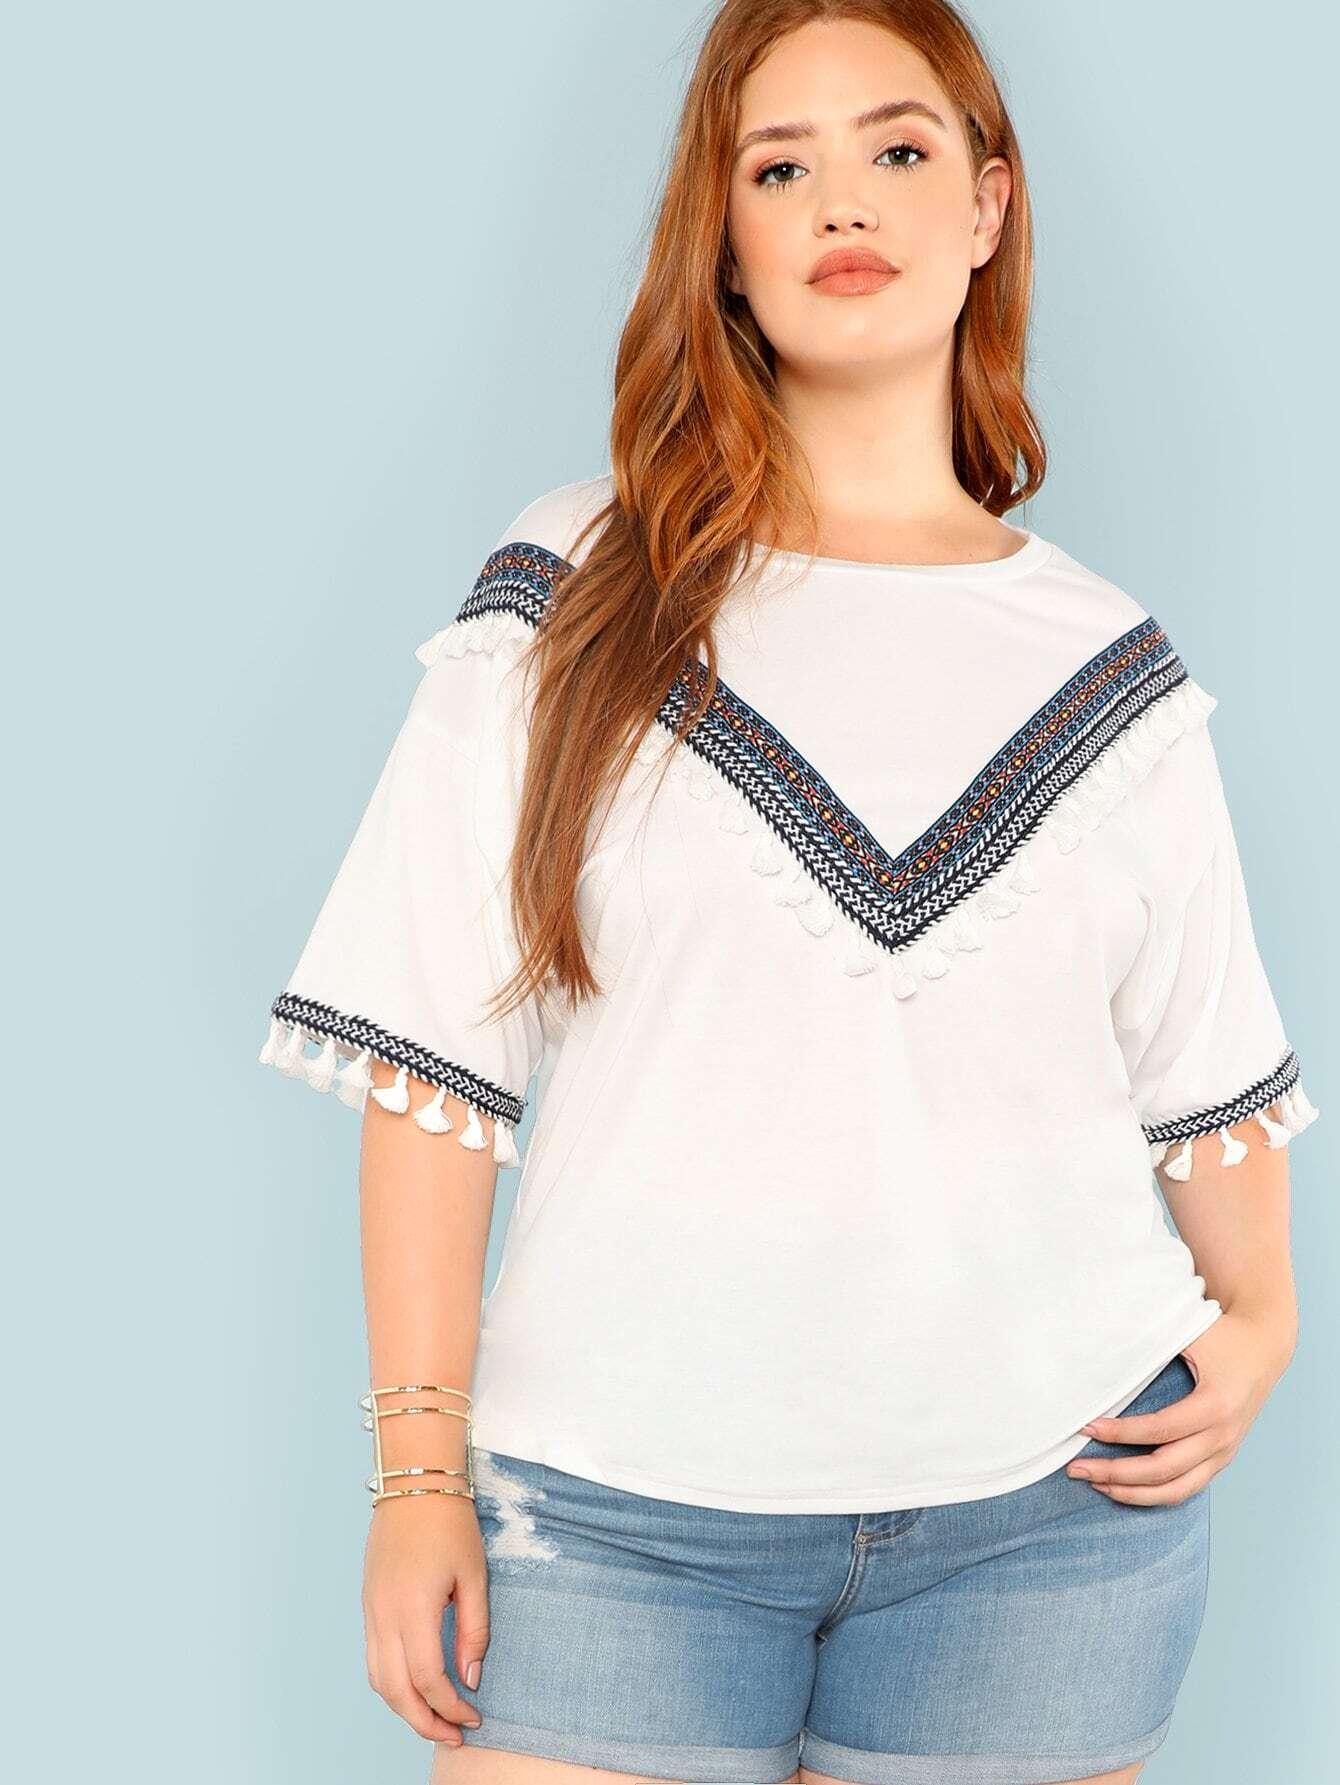 Купить Большая полосатая футболка и отверстие рукава с кистью, Bree Kish, SheIn